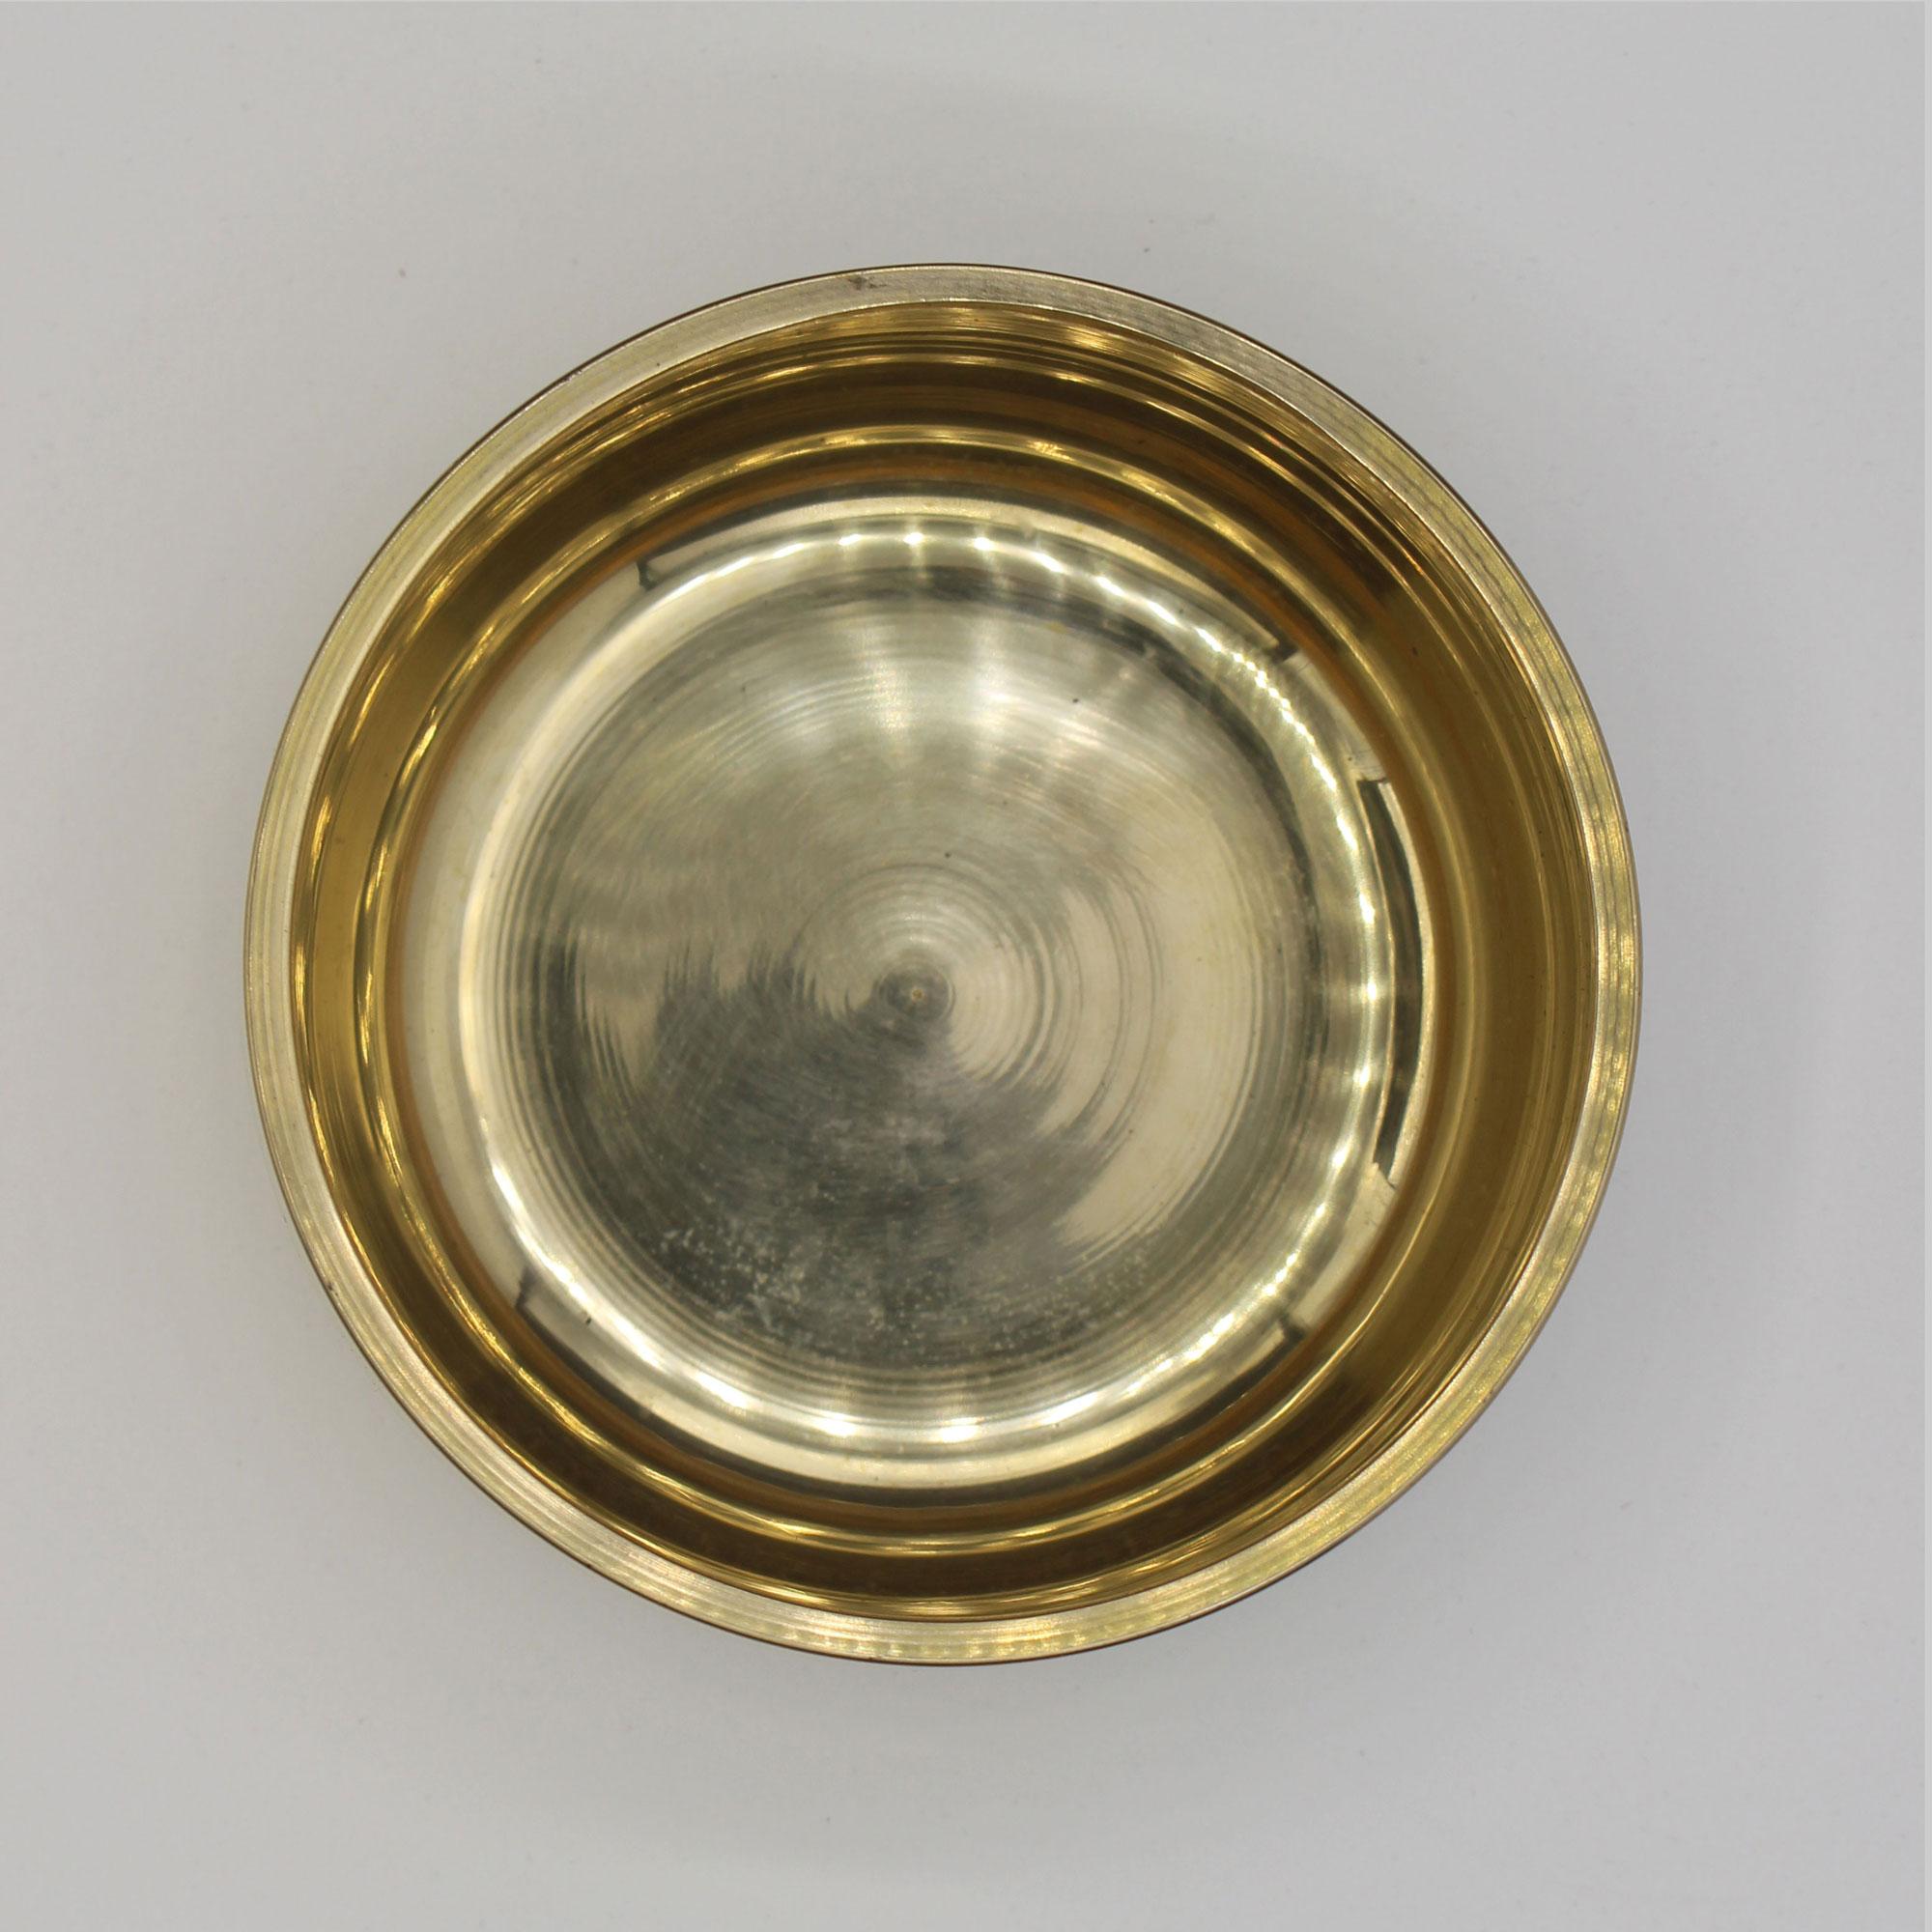 Buy Tibetan Singing Bowls London